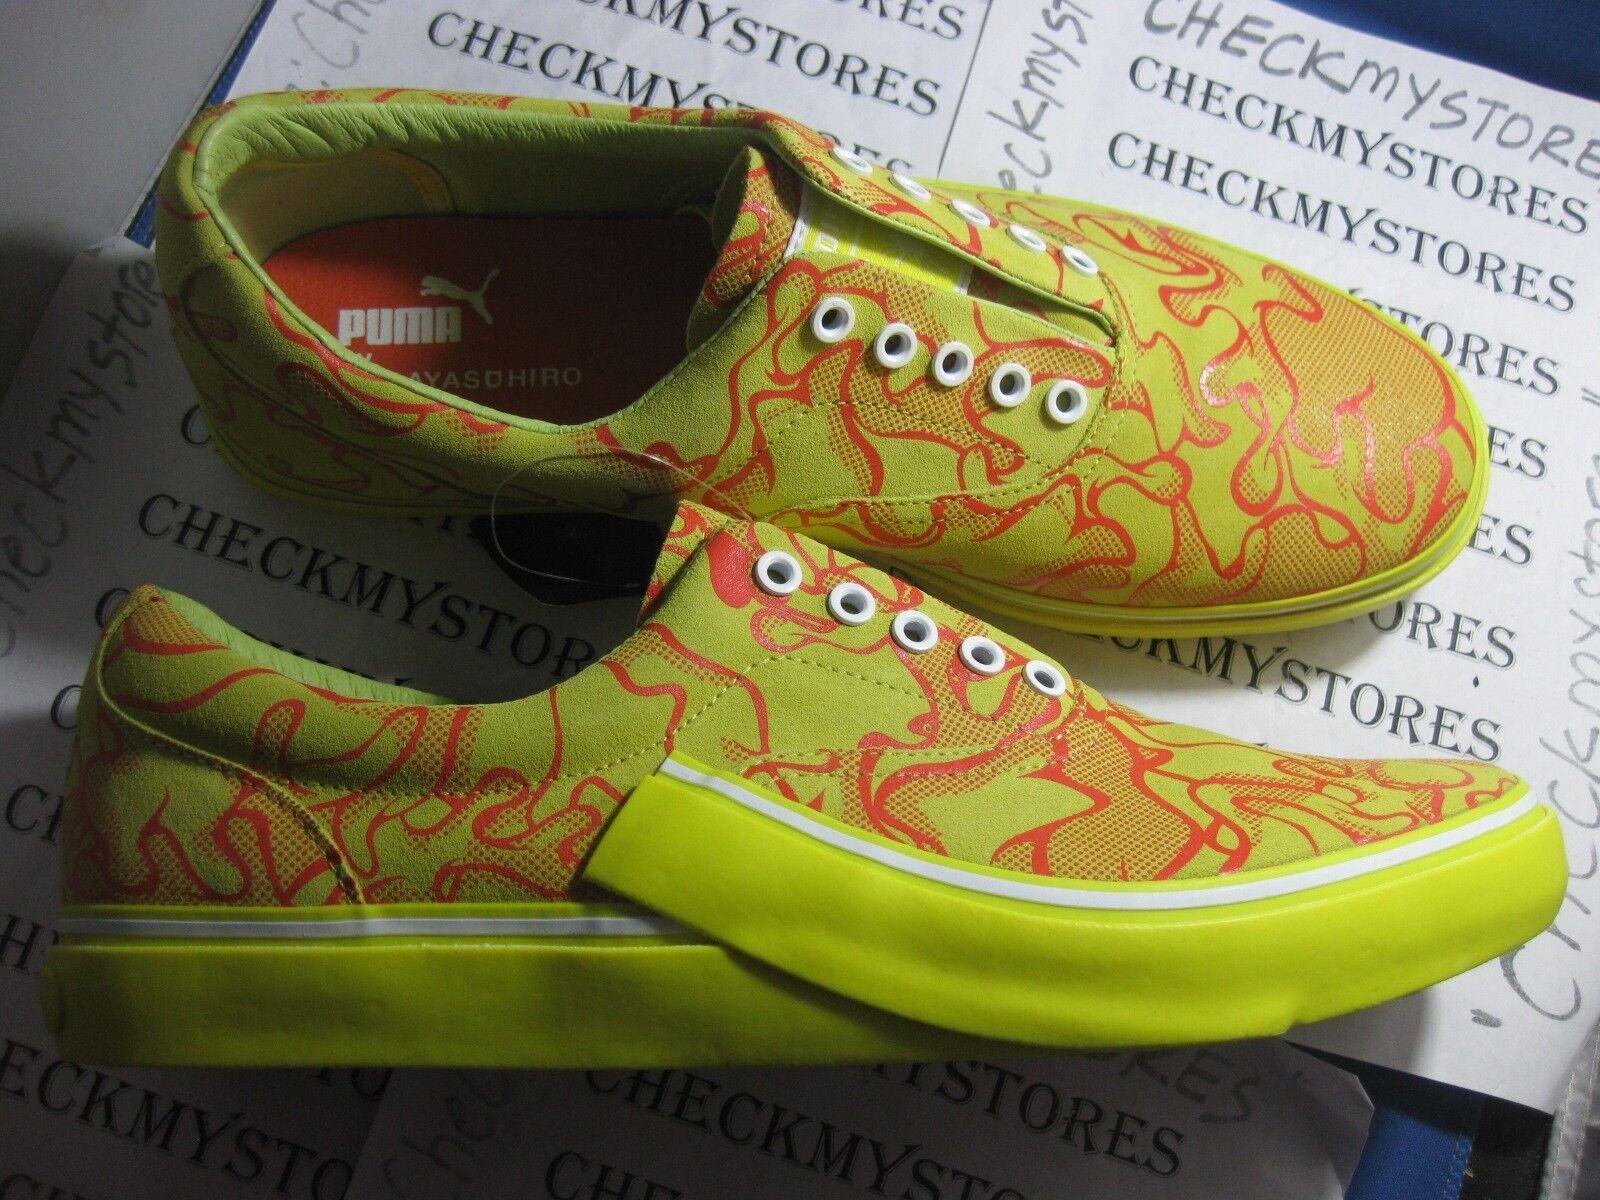 NIB MEW PUMA Mihara MY 61 Uncamo Yellow Fashion Casual Sport  Shoes Uomo